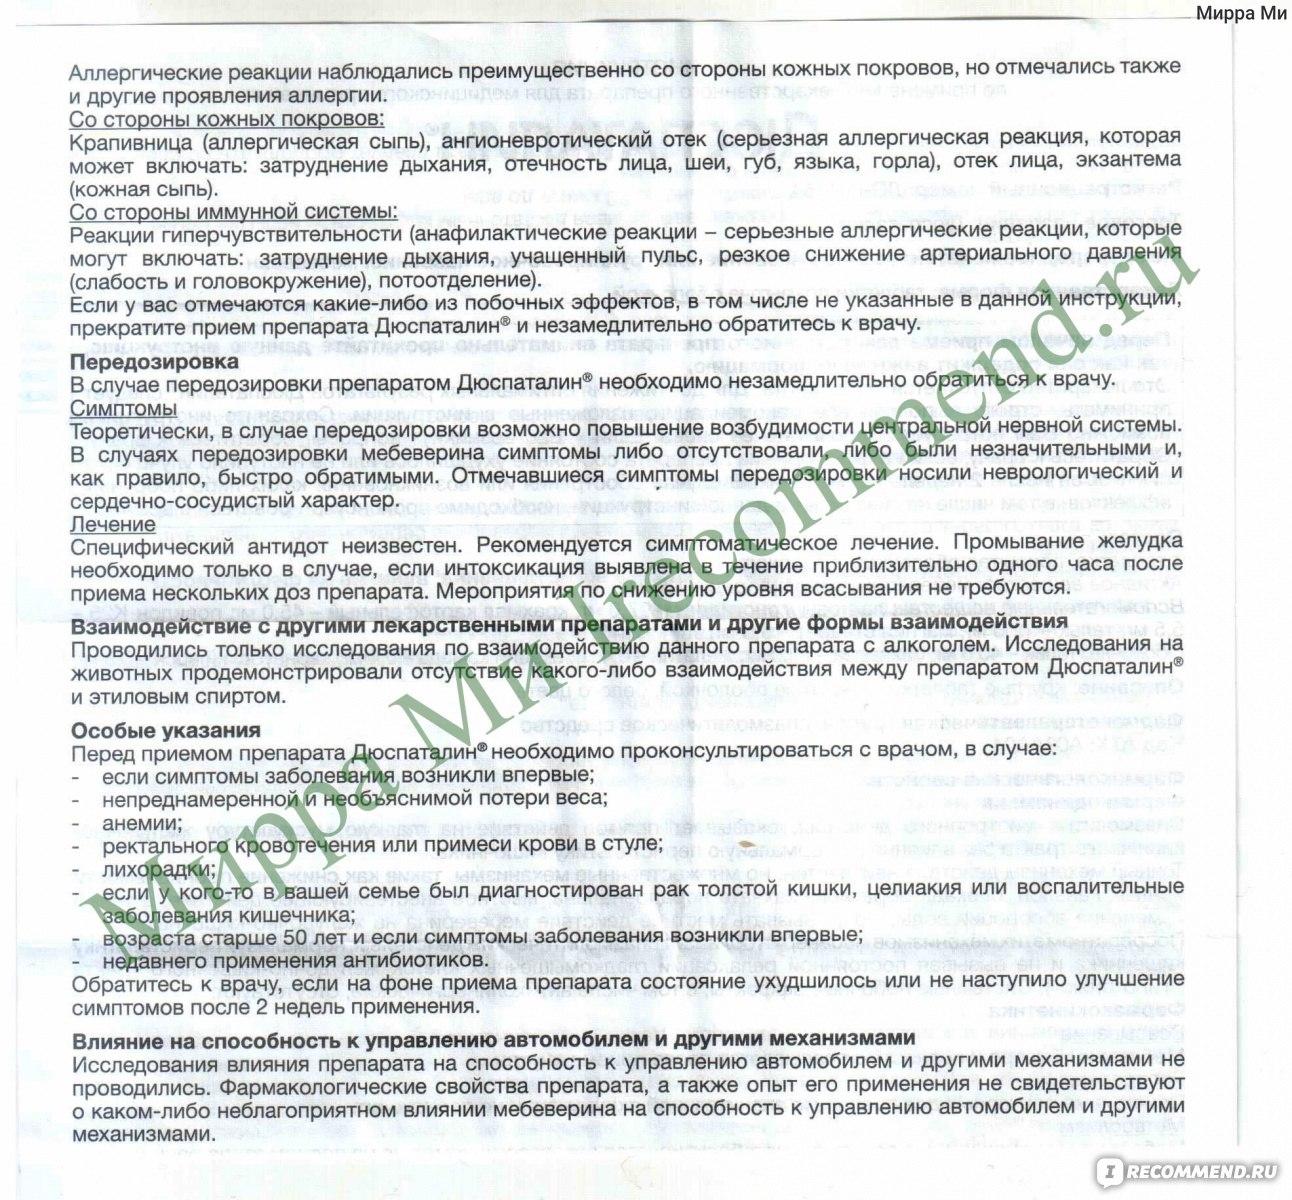 Дюспаталин (duspatalin). показания к применению, инструкция, аналоги, отзывы, цена